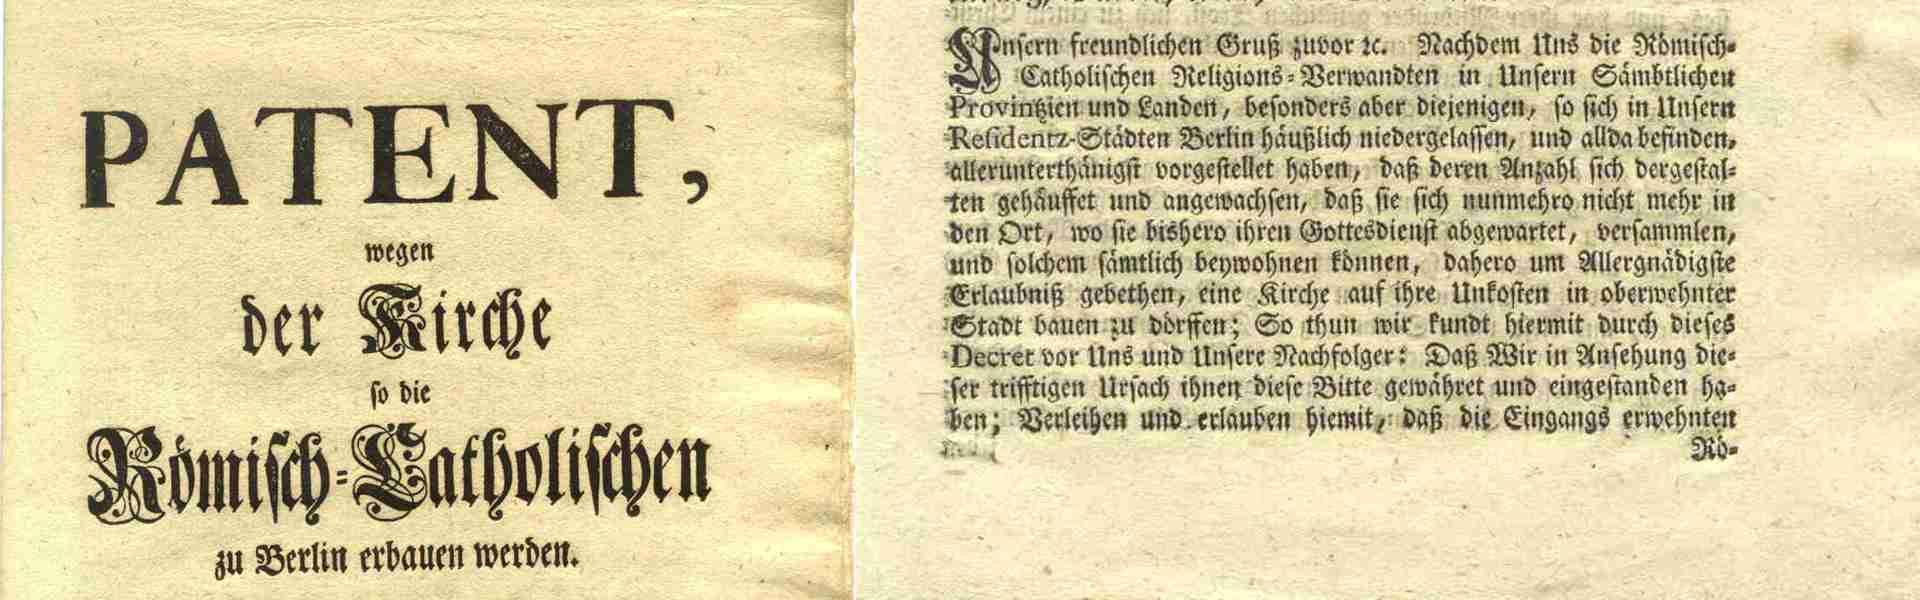 22. November 1746